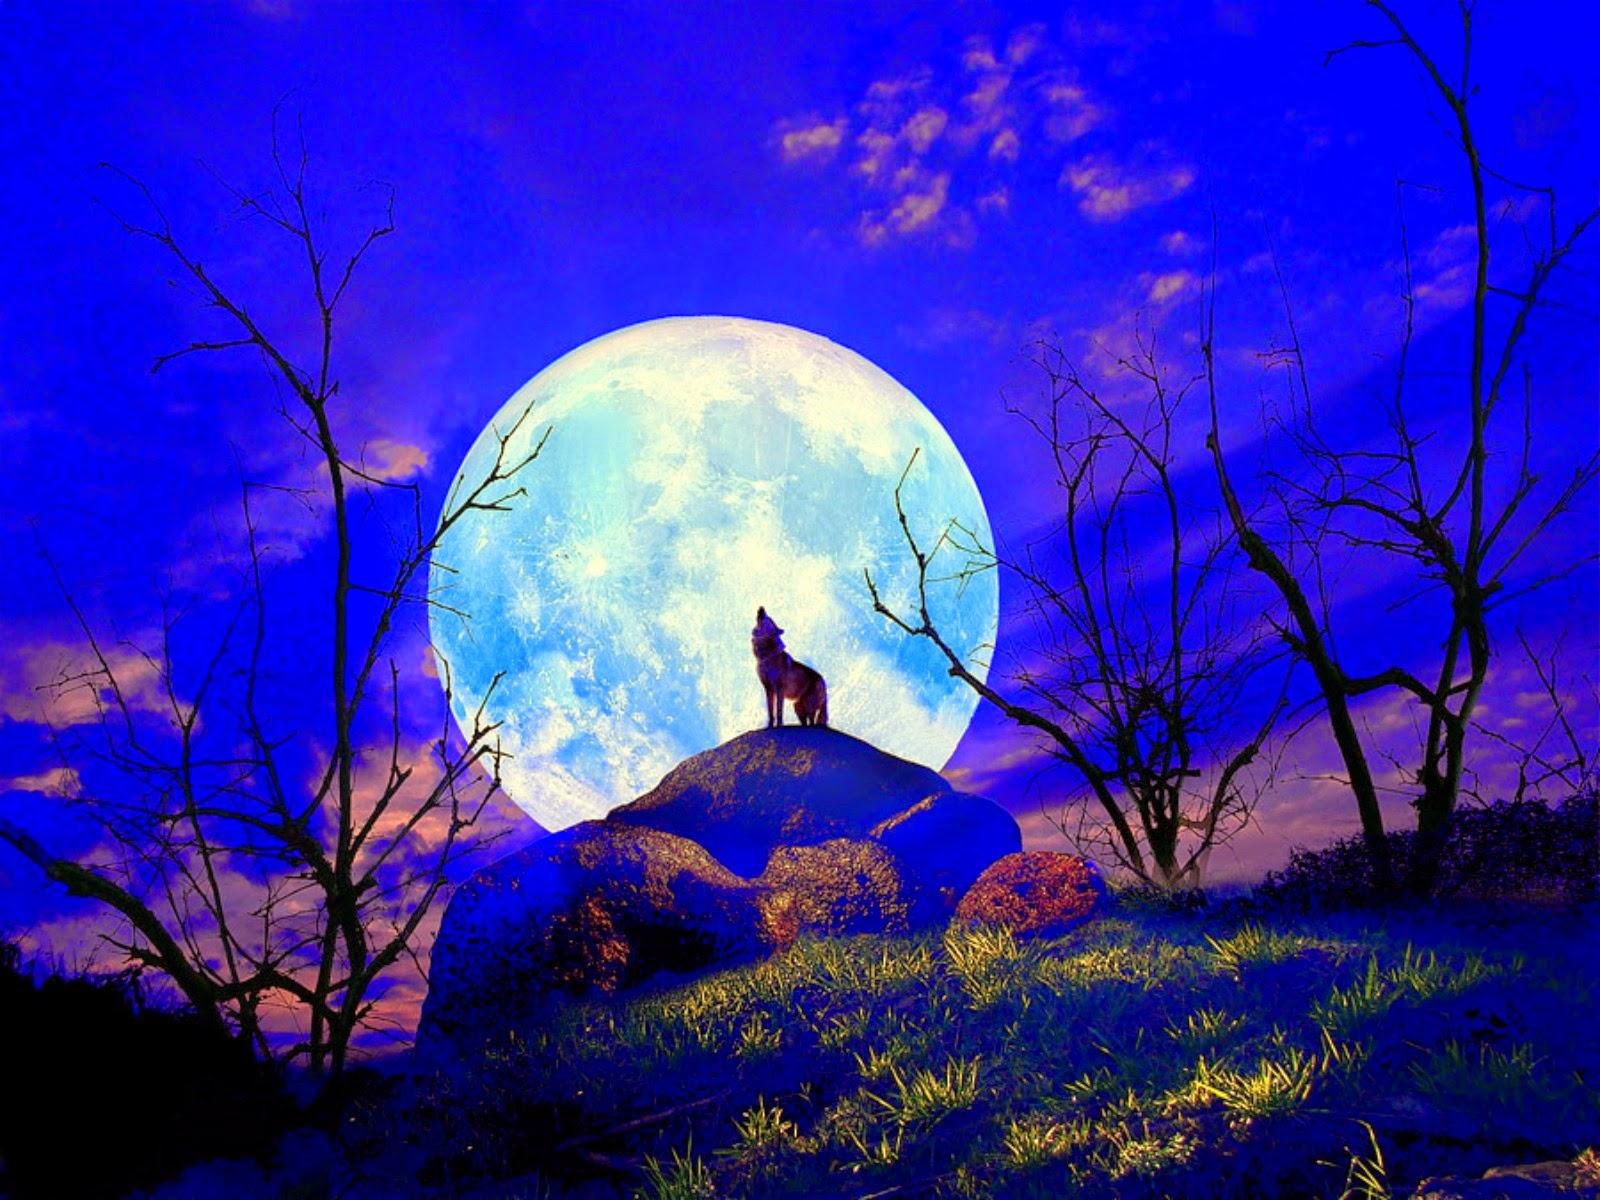 Imagem de um Lobo uivando para uma Lua Cheia na floresta